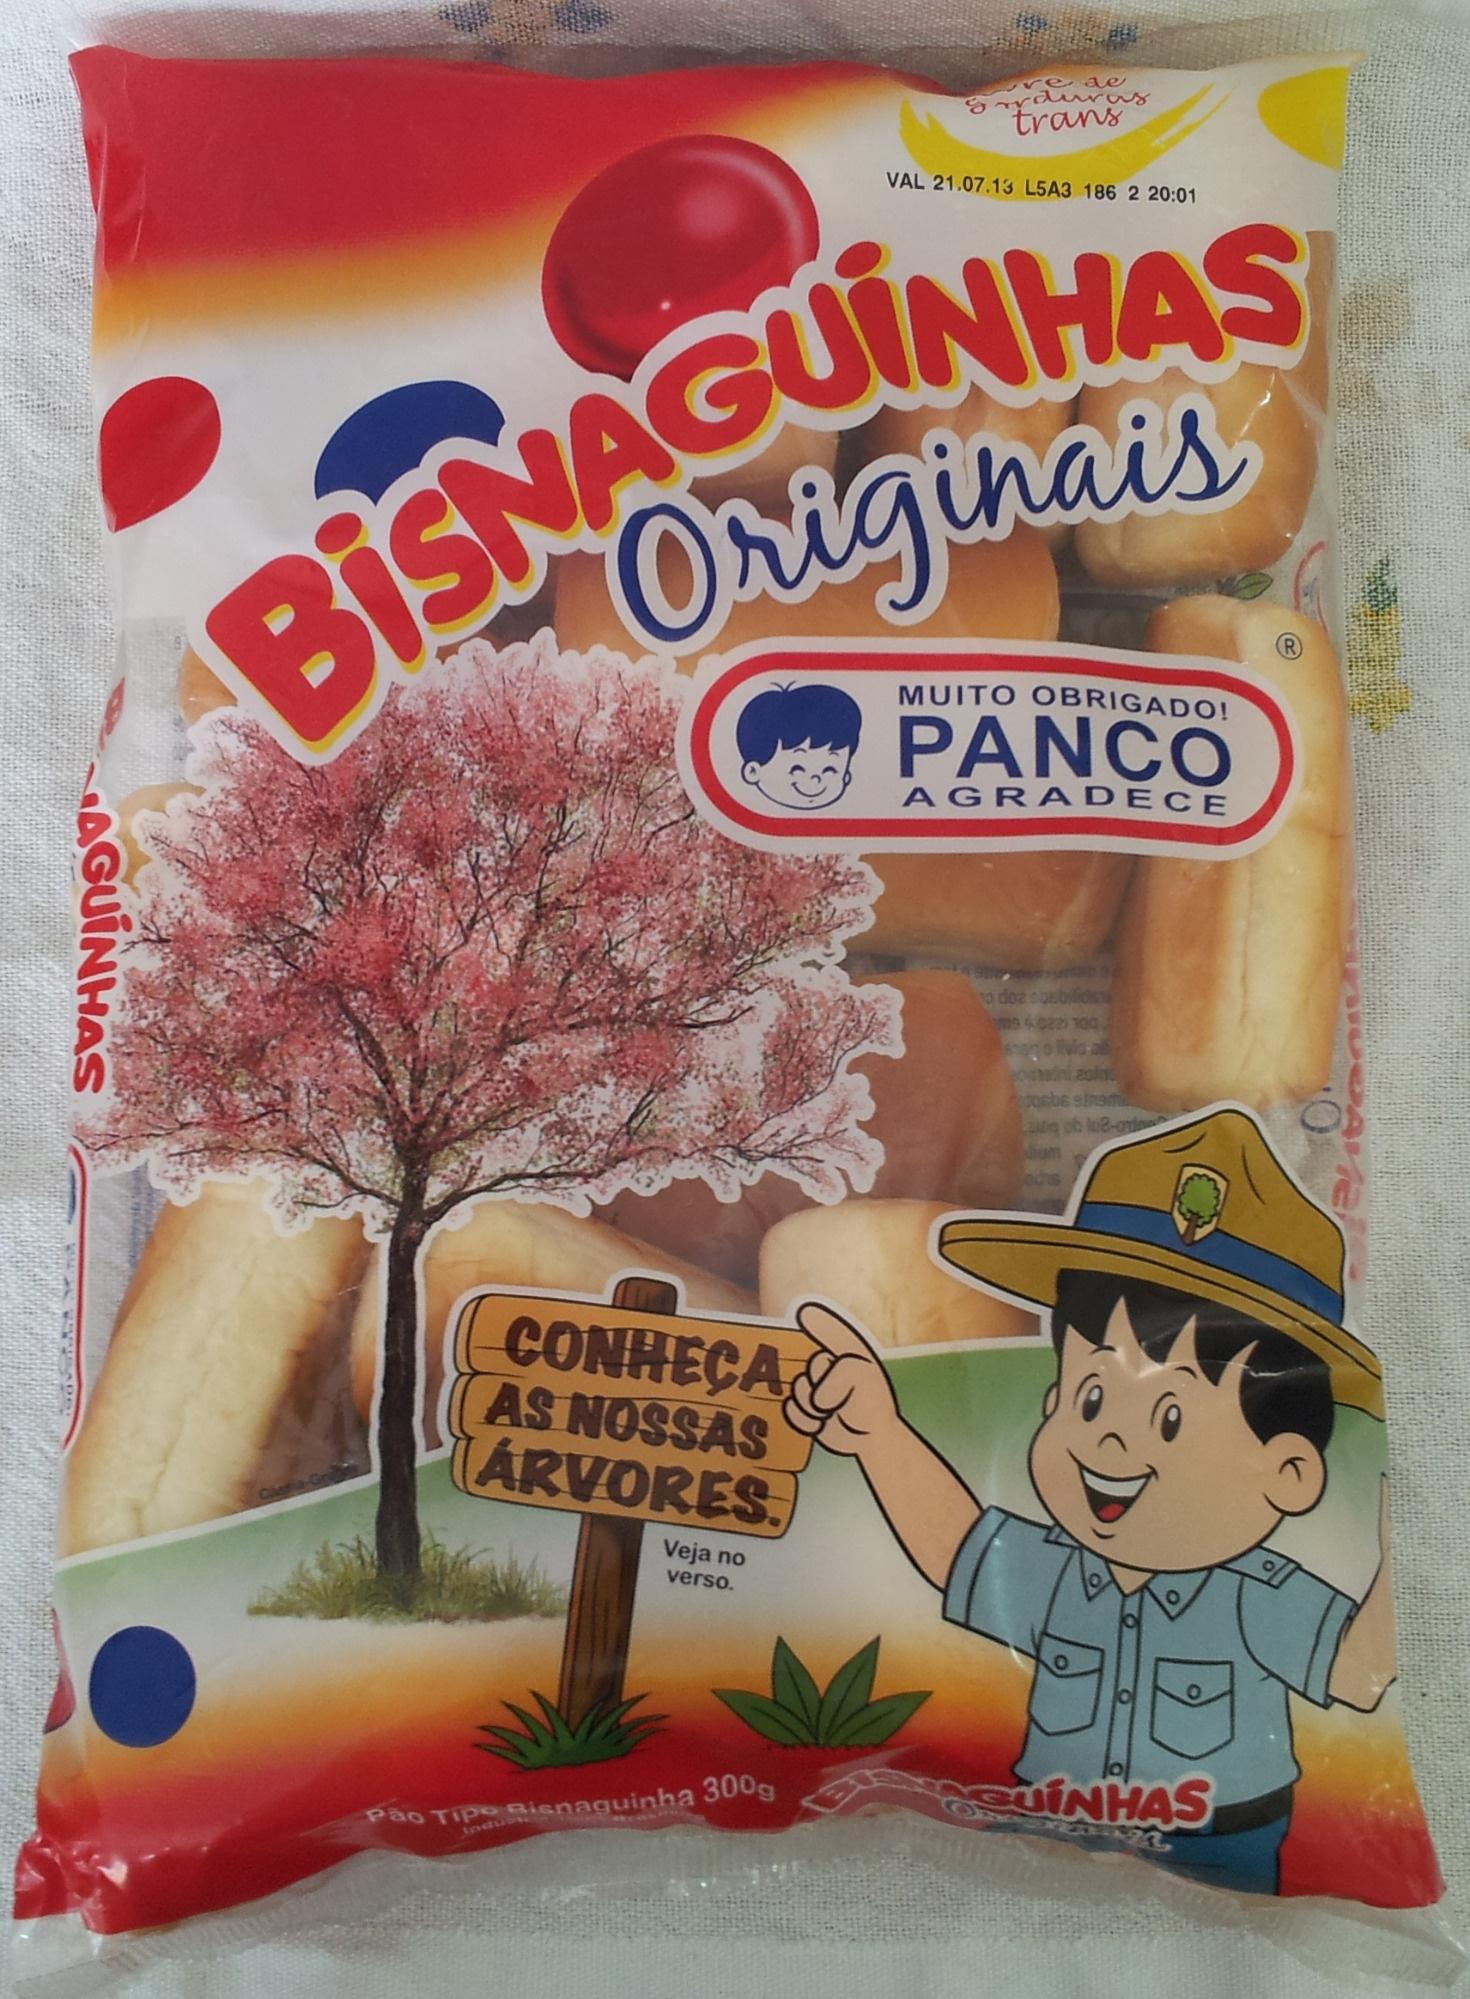 Bisnaguinhas Originais - Product